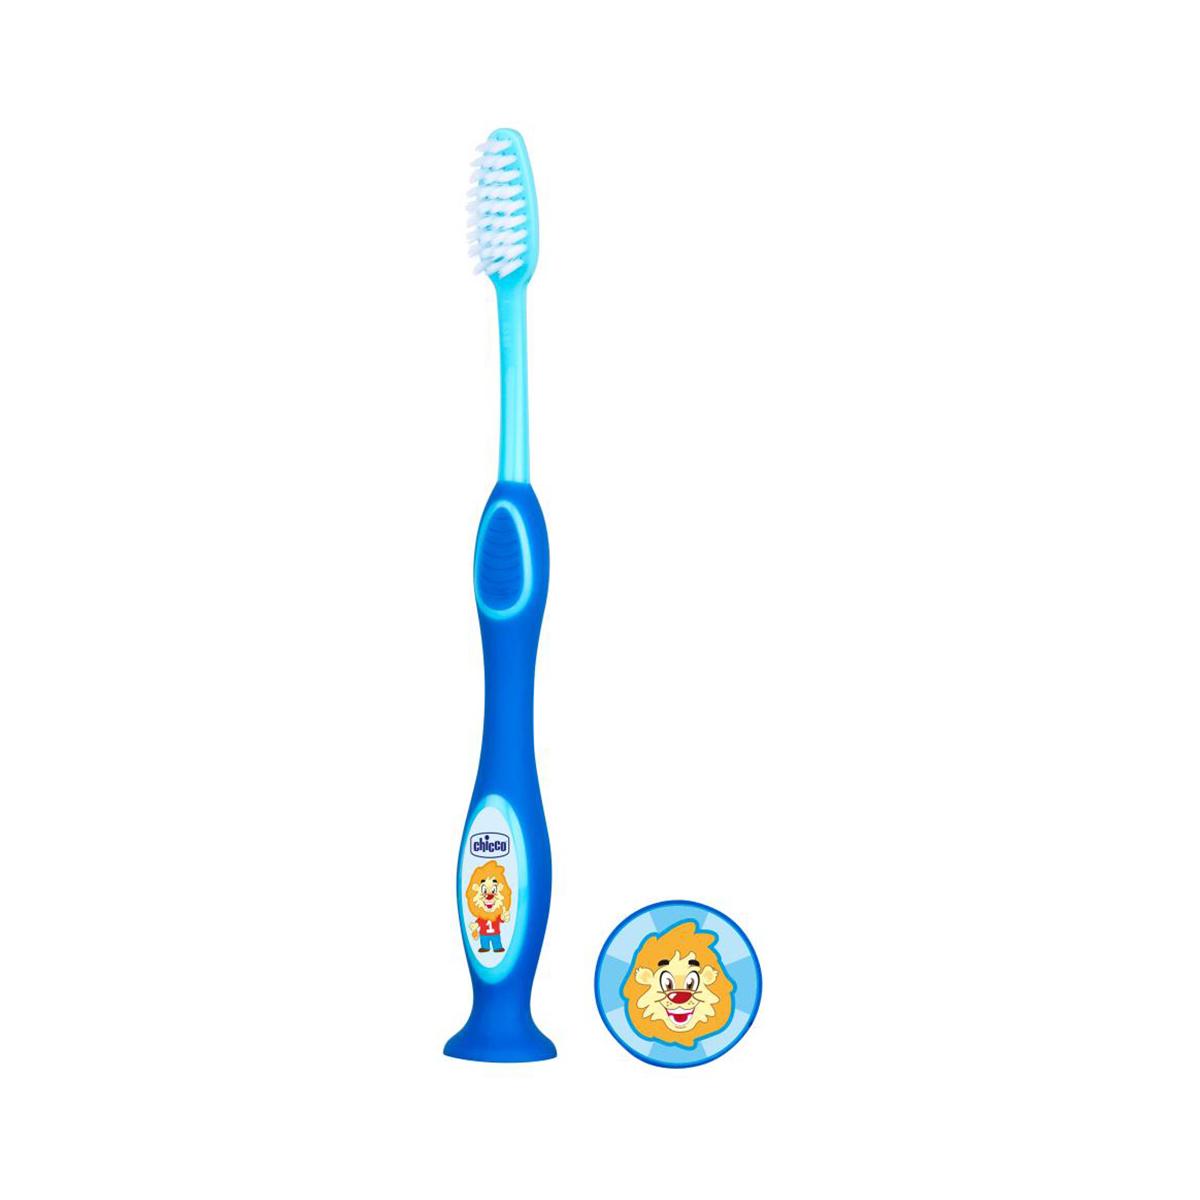 Periuta pentru dinti de lapte Chicco, 3 - 6 ani, Albastru